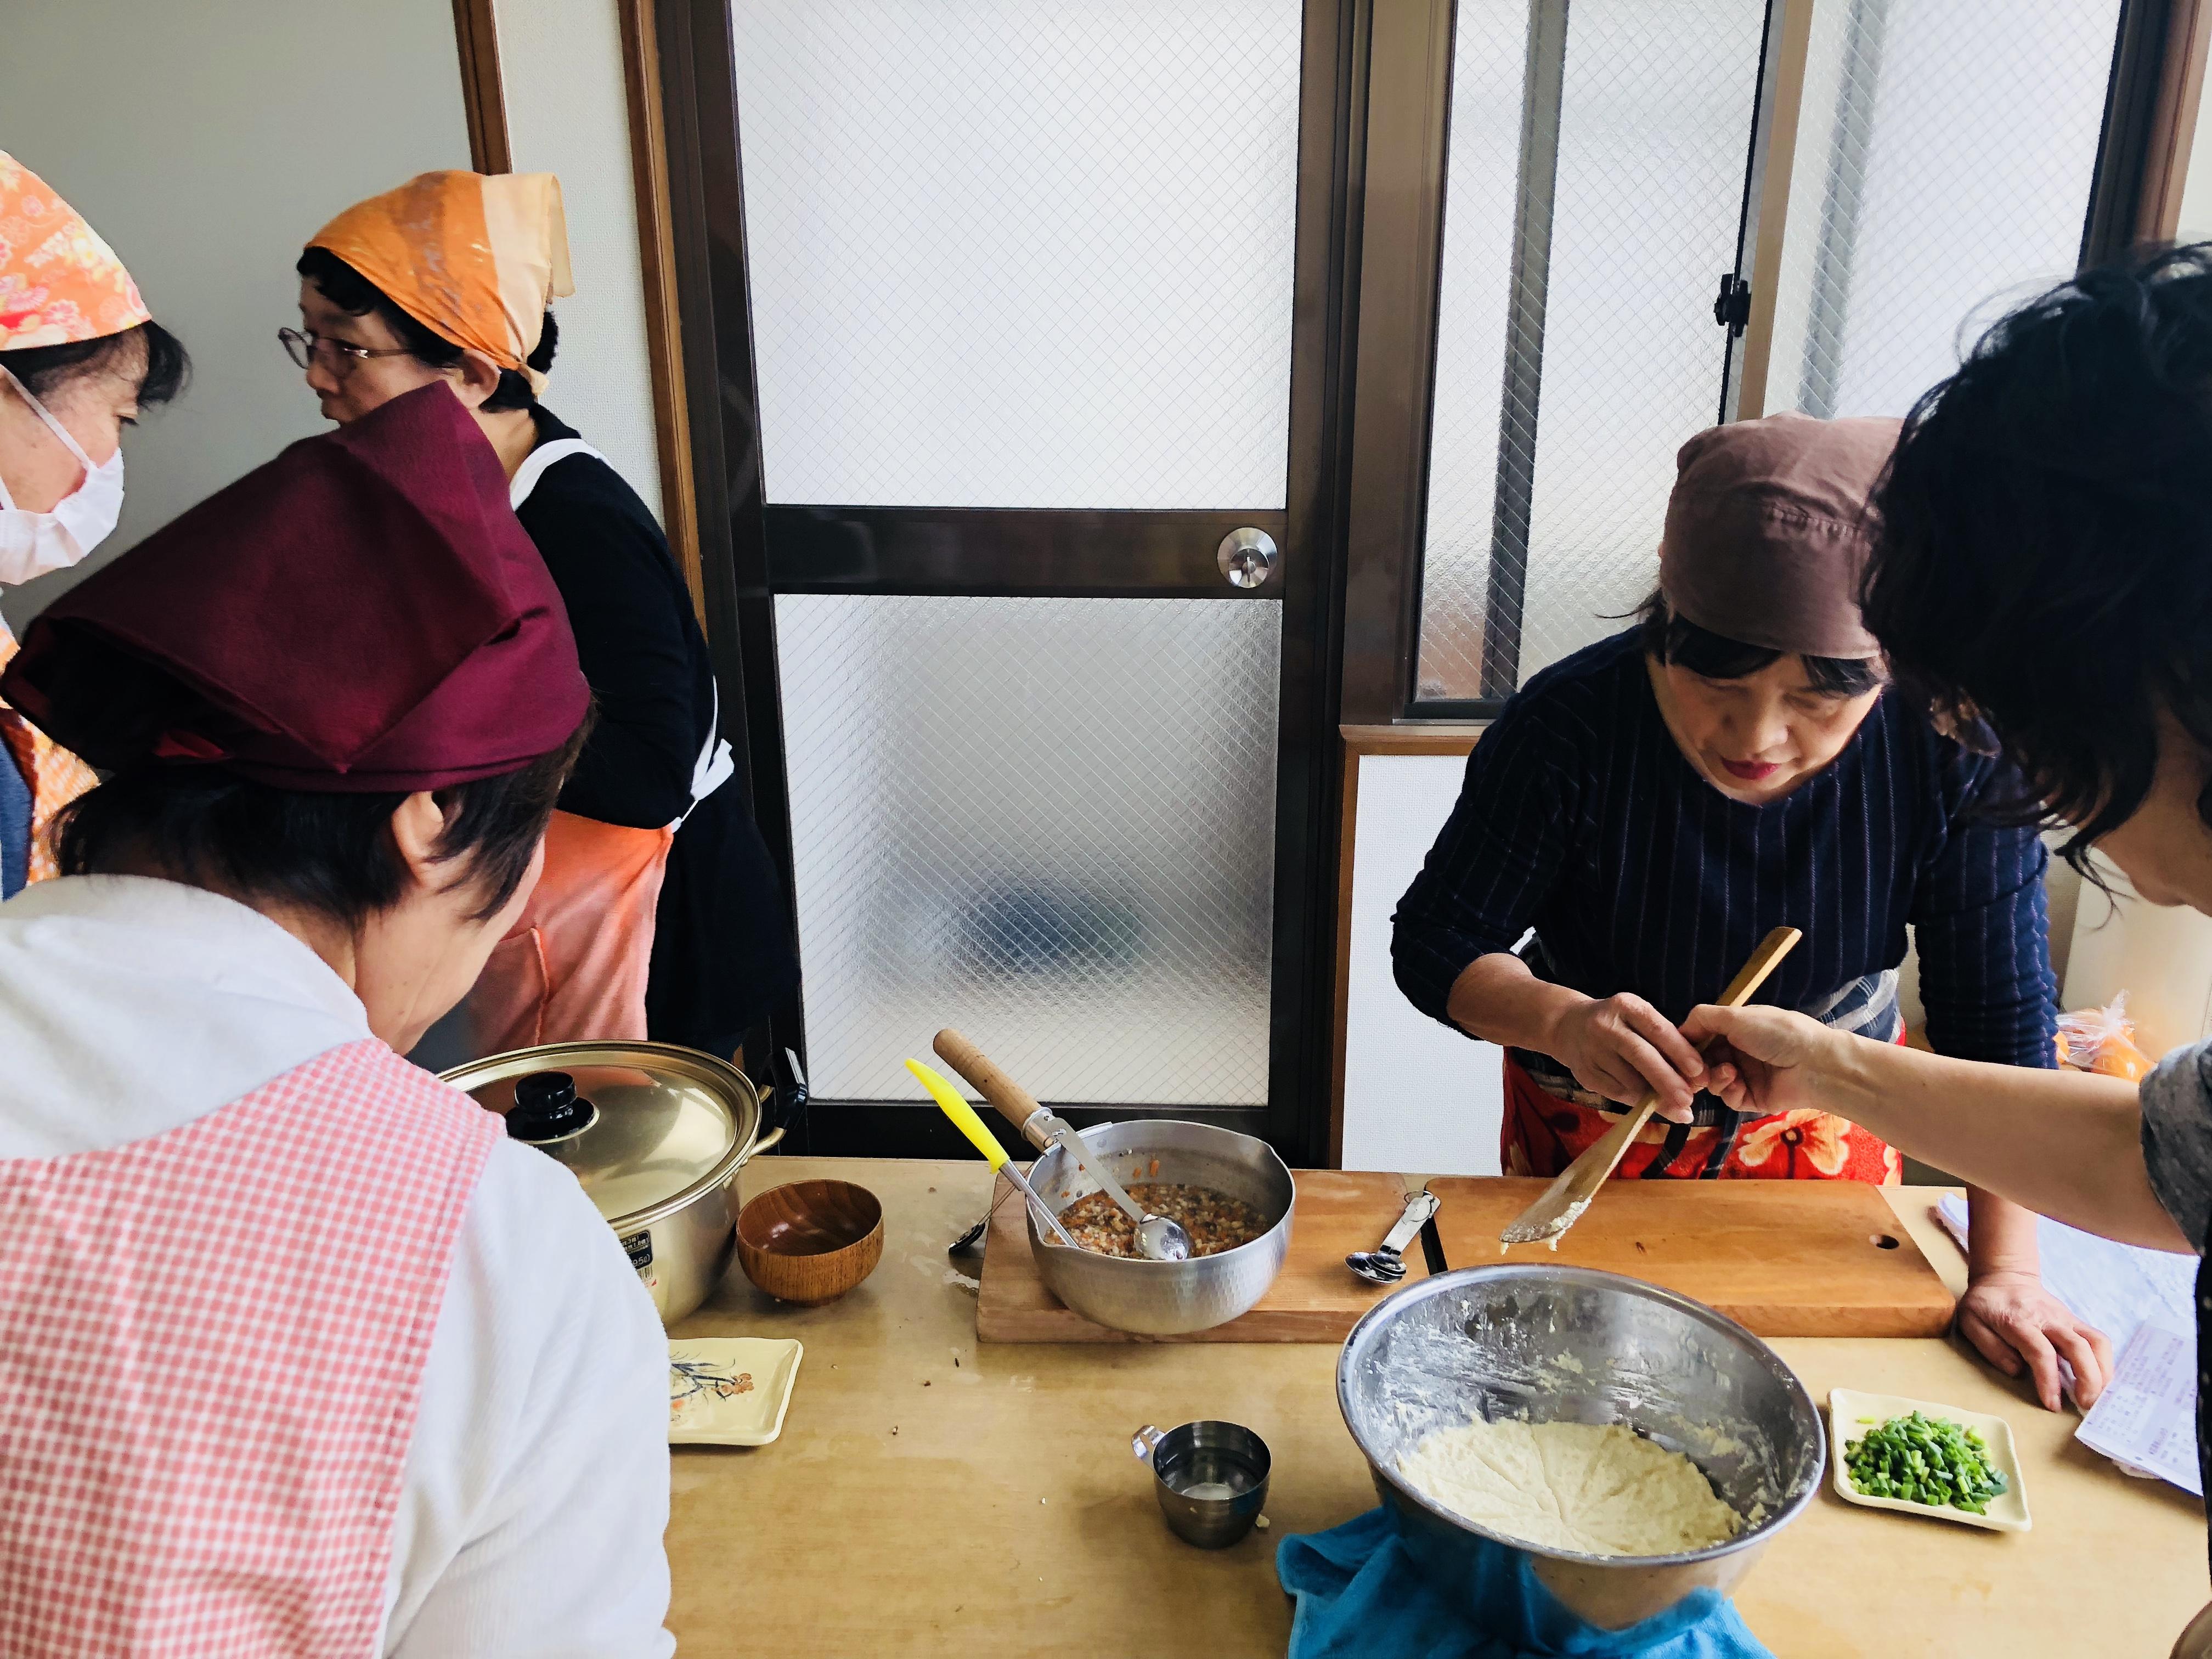 第40回☆健康教室ーお腹にやさしい食事ーを開催しました!